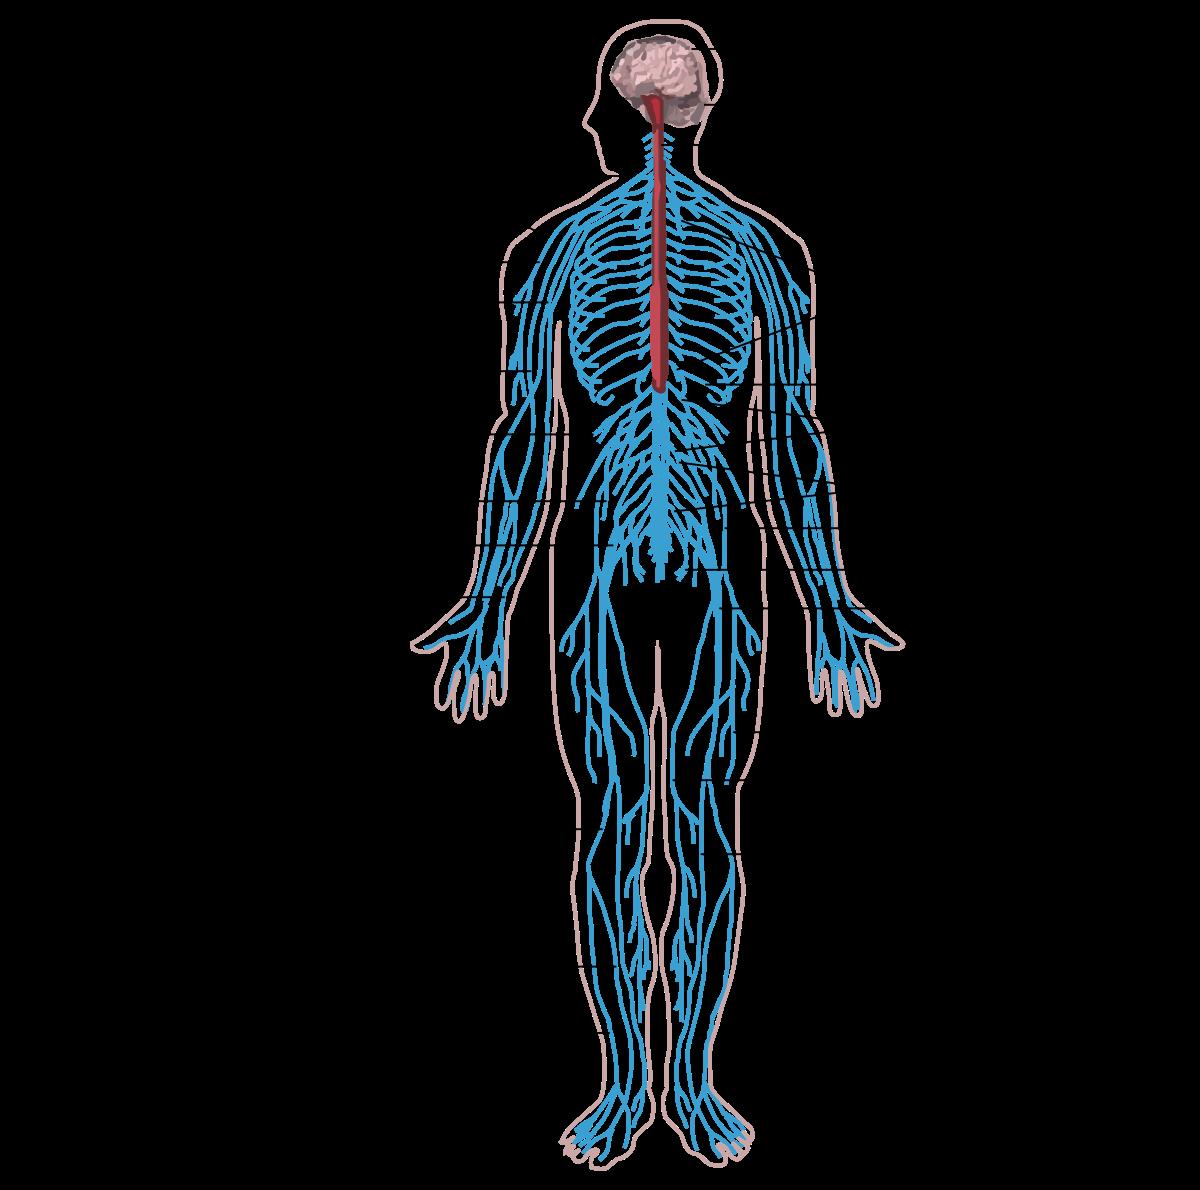 hogyan lehet kilábalni az emberi test parazitáiból a giardiasis tünetei felnőtt férfiaknál